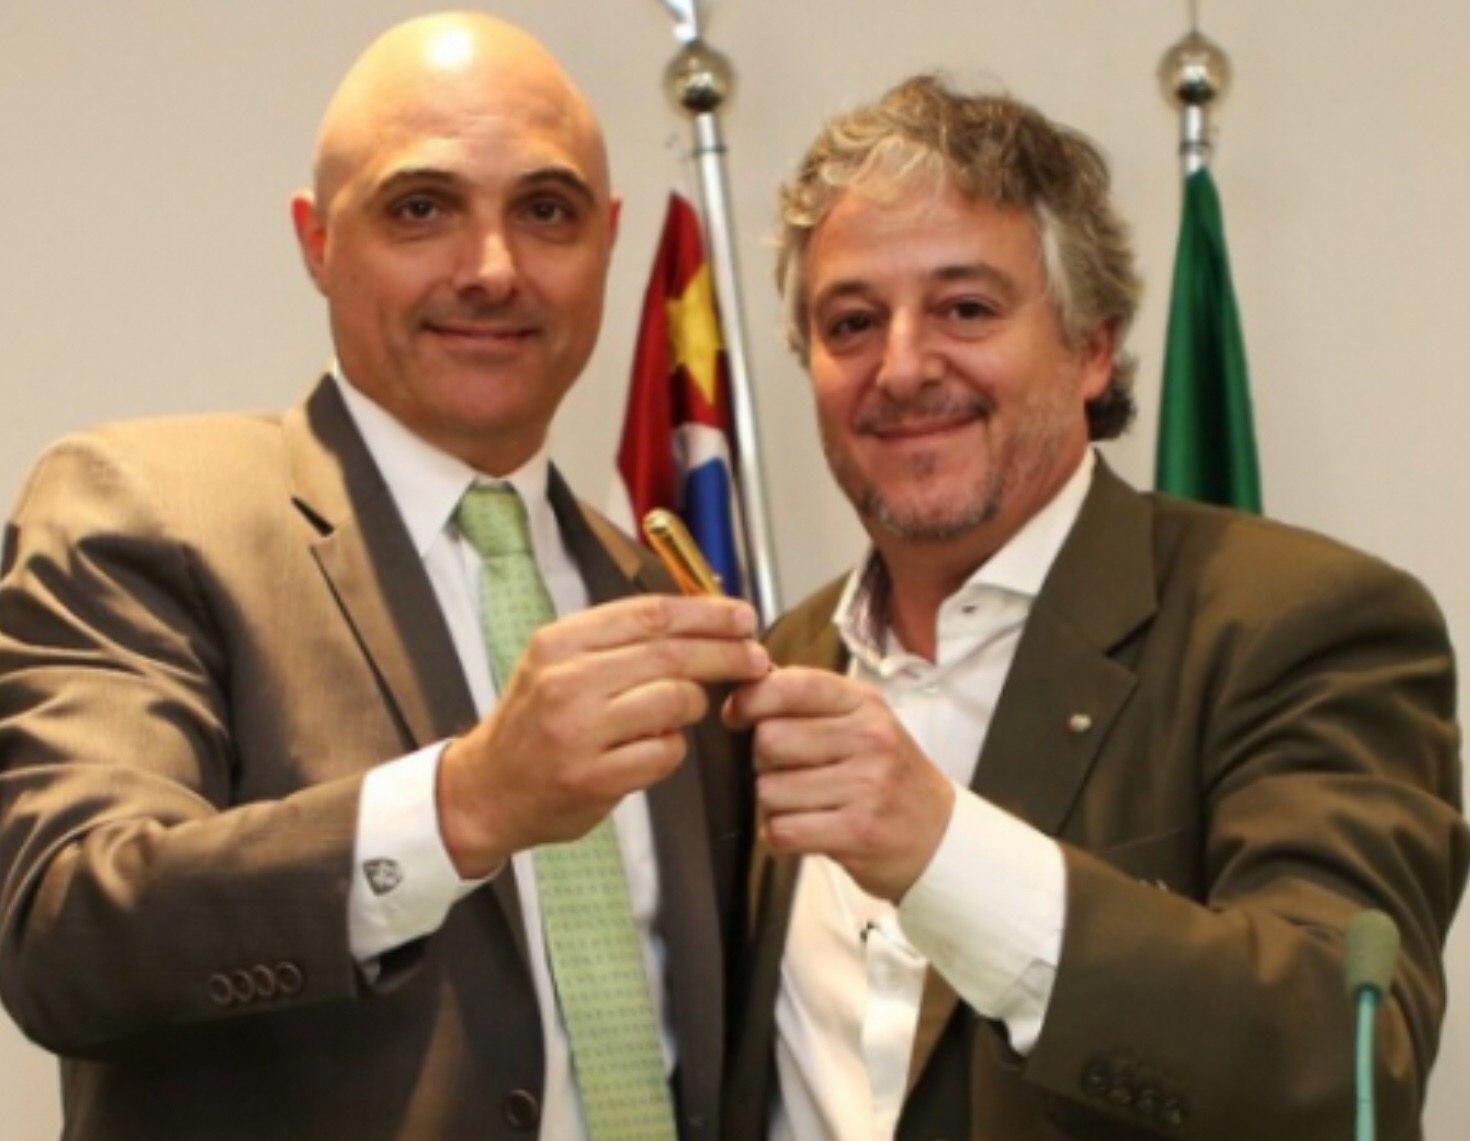 Economia de Galiotte com Sampaoli fez renascer a candidatura do seu inimigo, Paulo Nobre